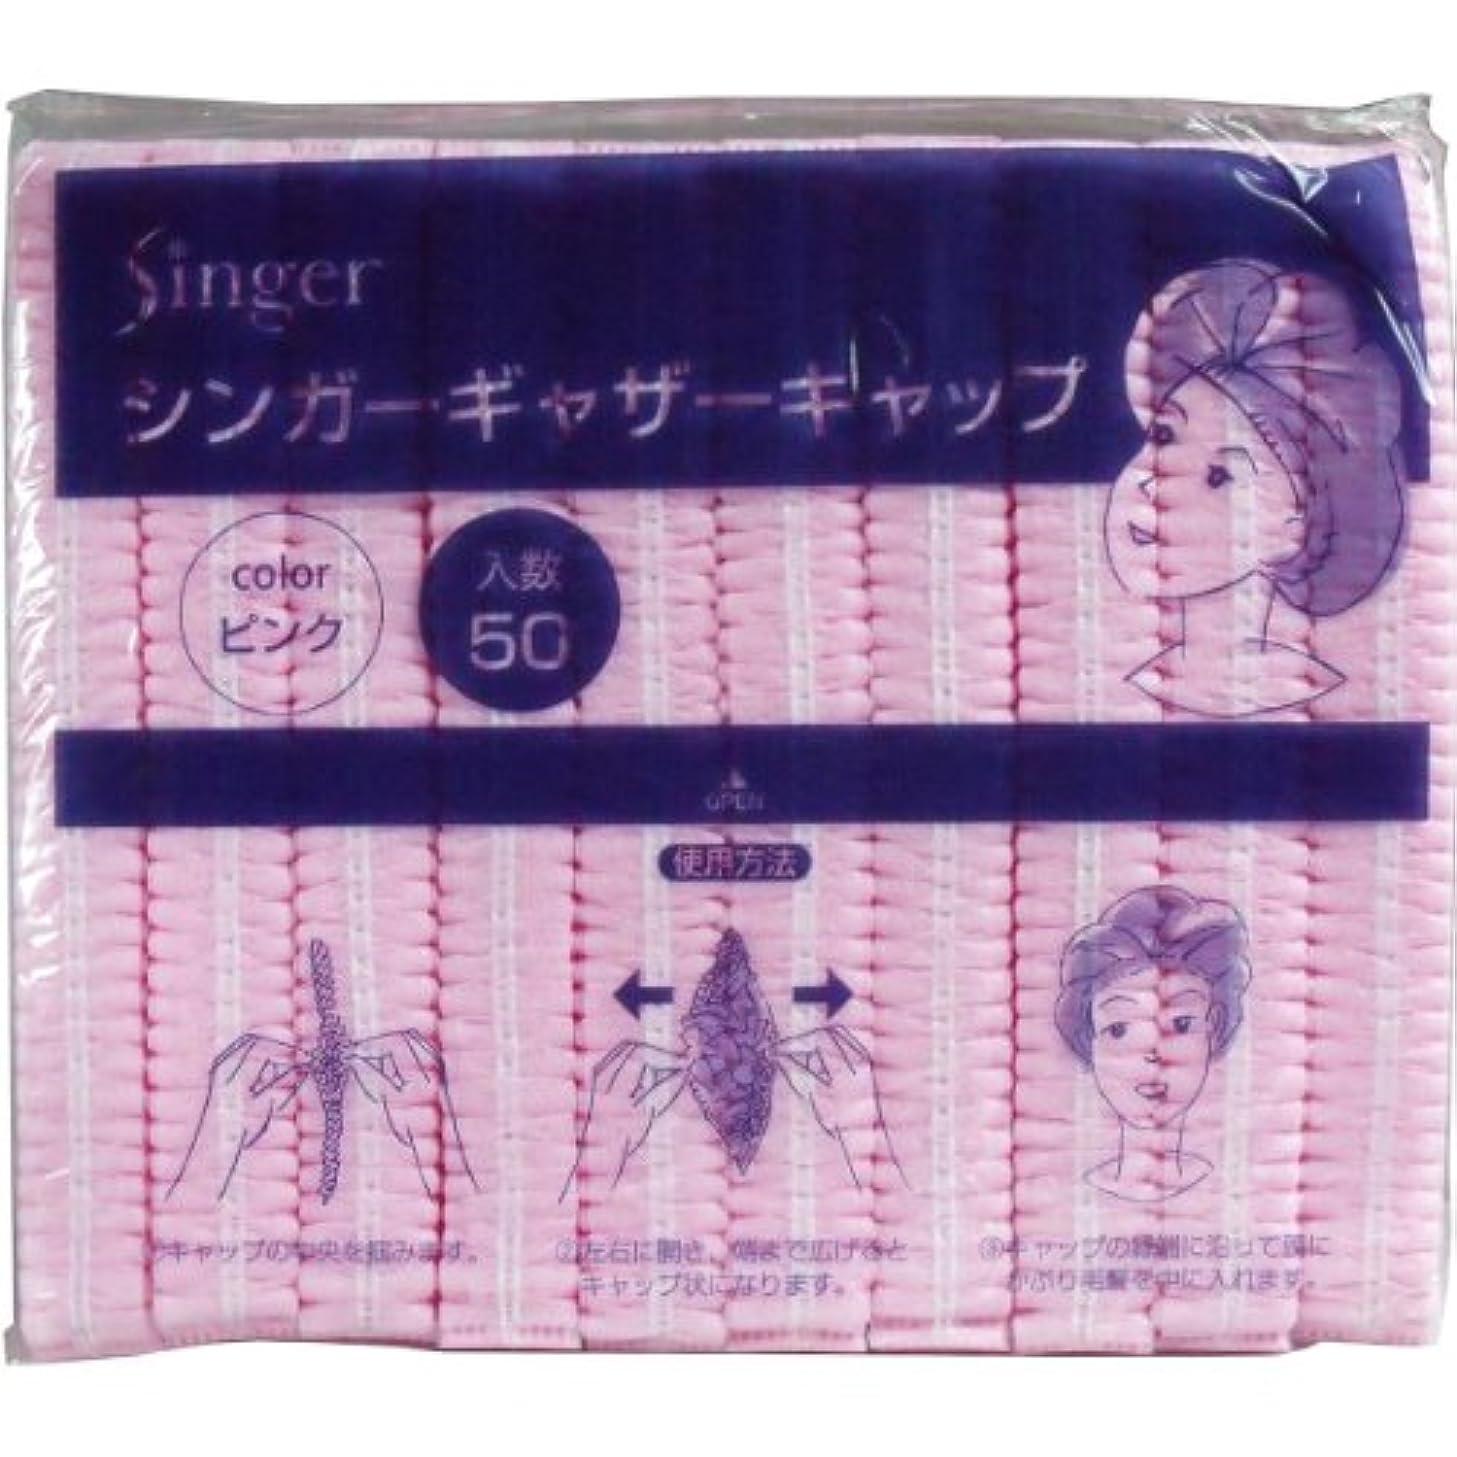 する必要がある惨めな正しい宇都宮製作 不織布製衛生キャップ シンガーギャザーキャップ 50枚入 ピンク